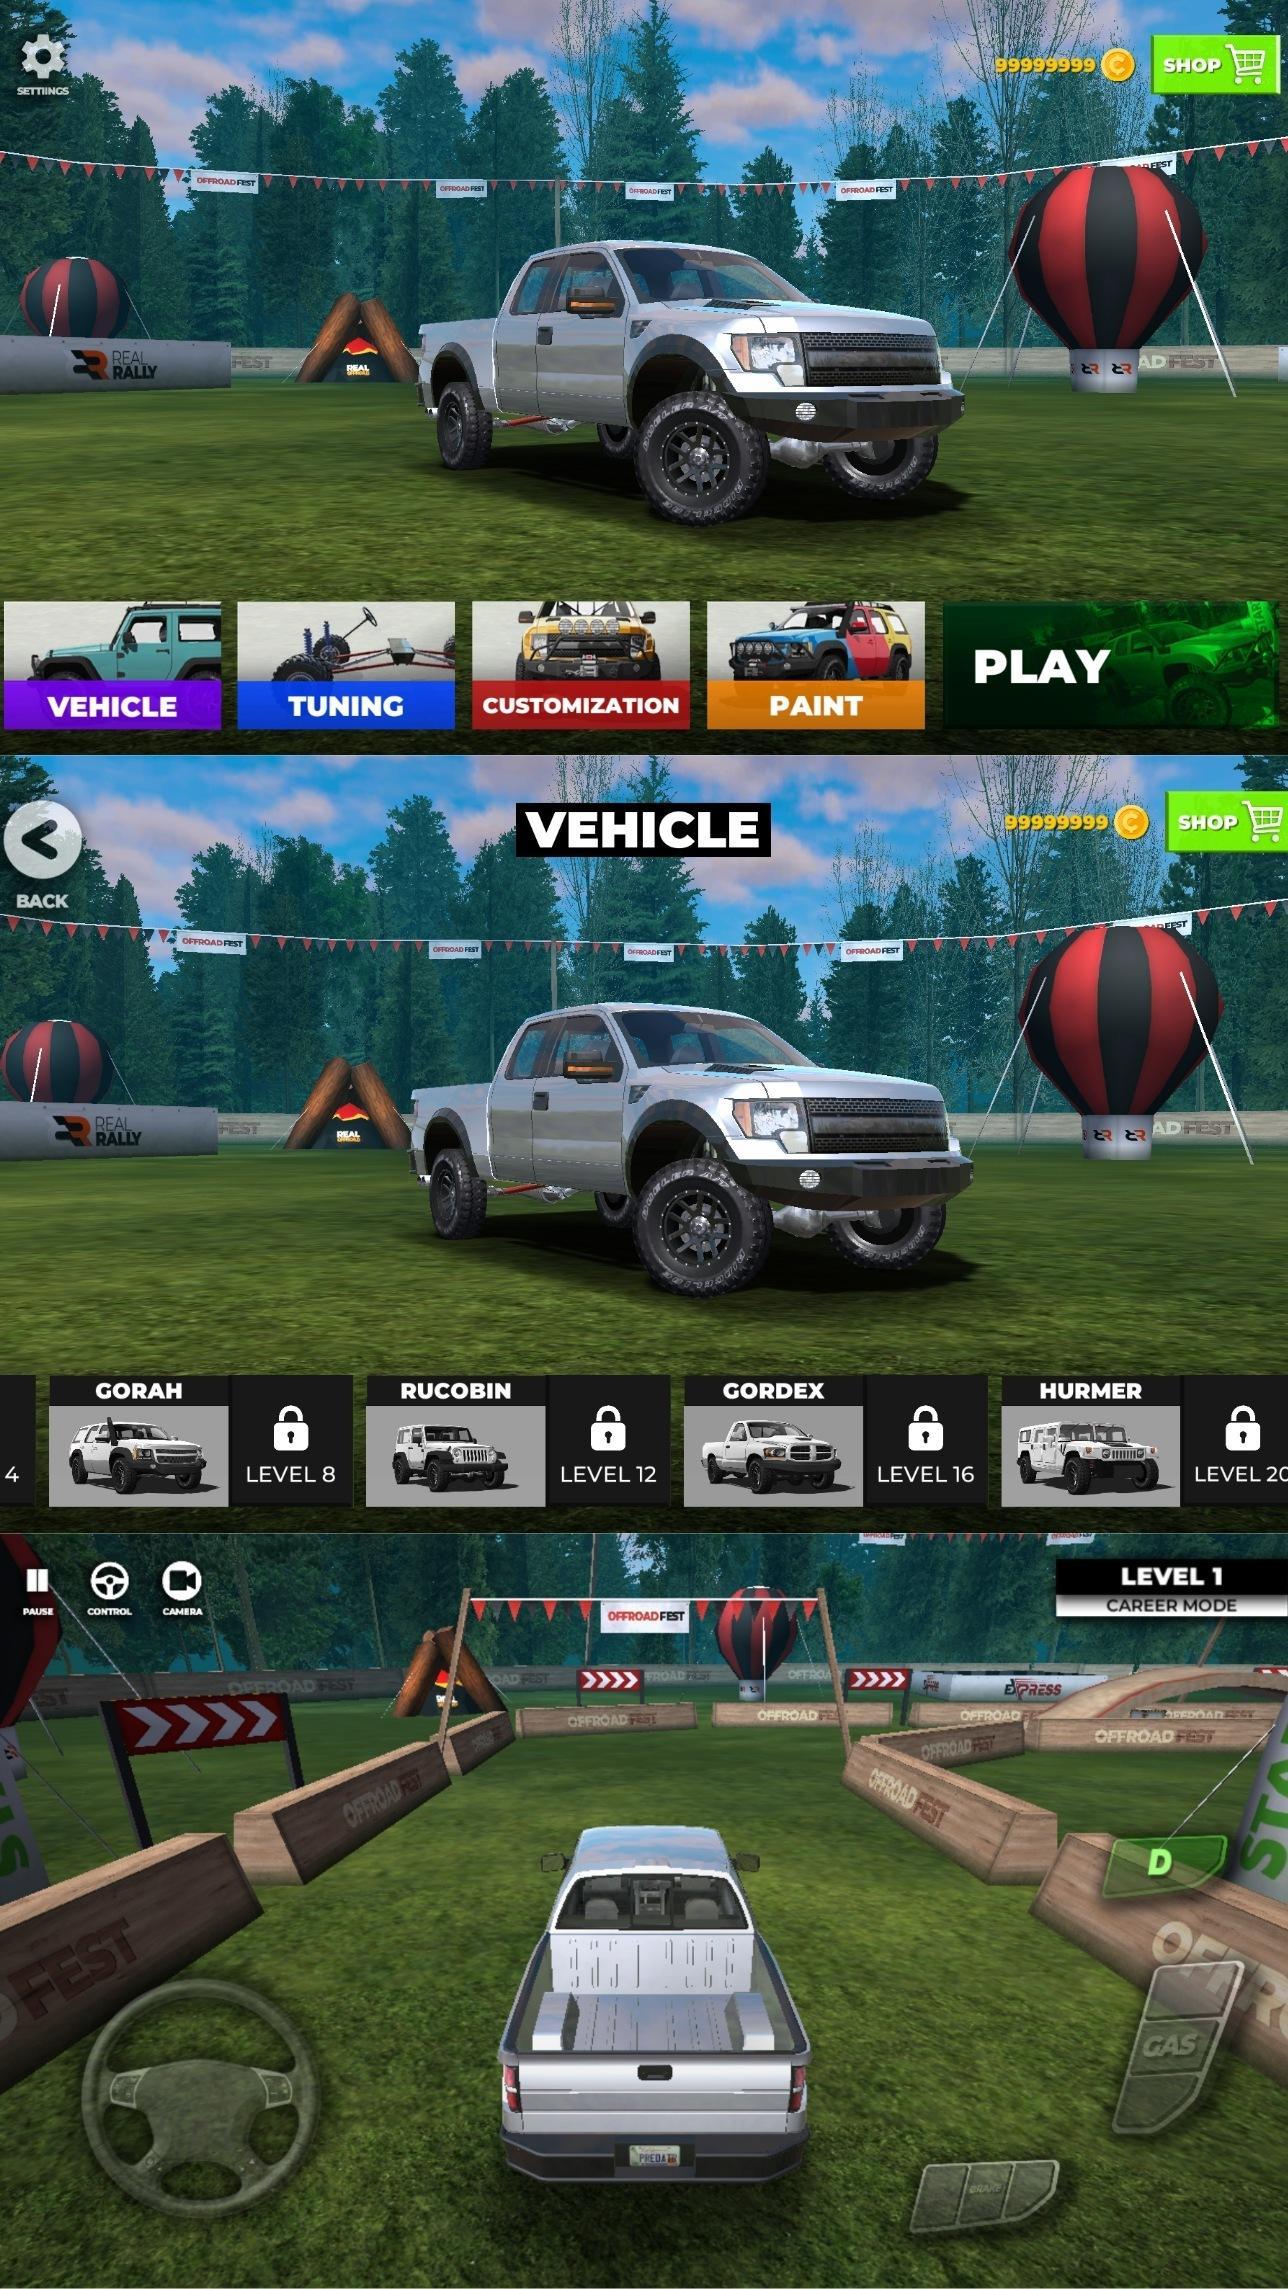 越野SUV模拟器优化版截图1